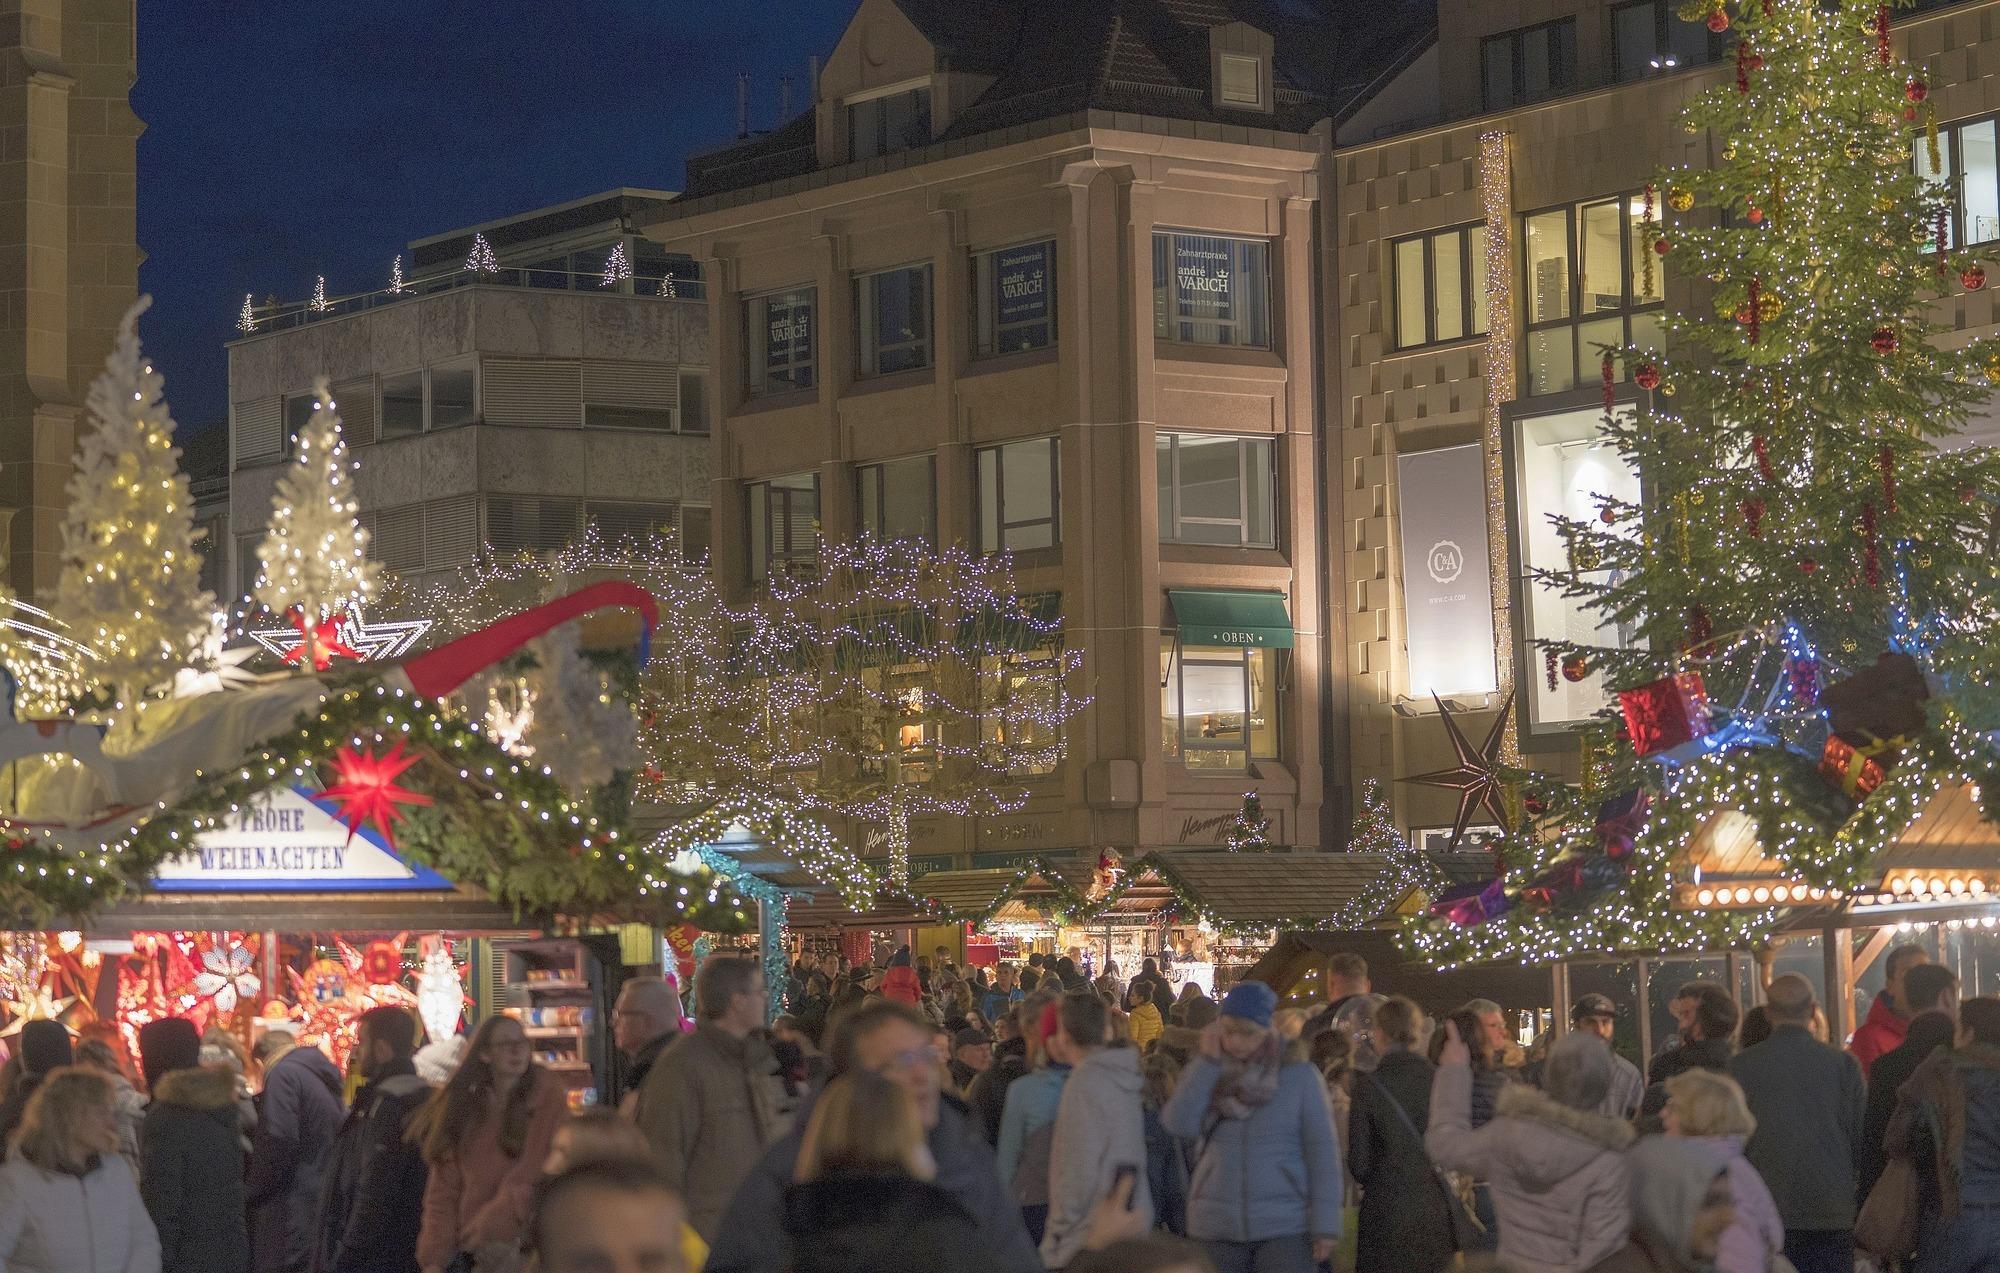 Weihnachtsmarkt Heilbronn.Heilbronner Weihnachtsmarkt Zwischenbilanz Fällt Positiv Aus